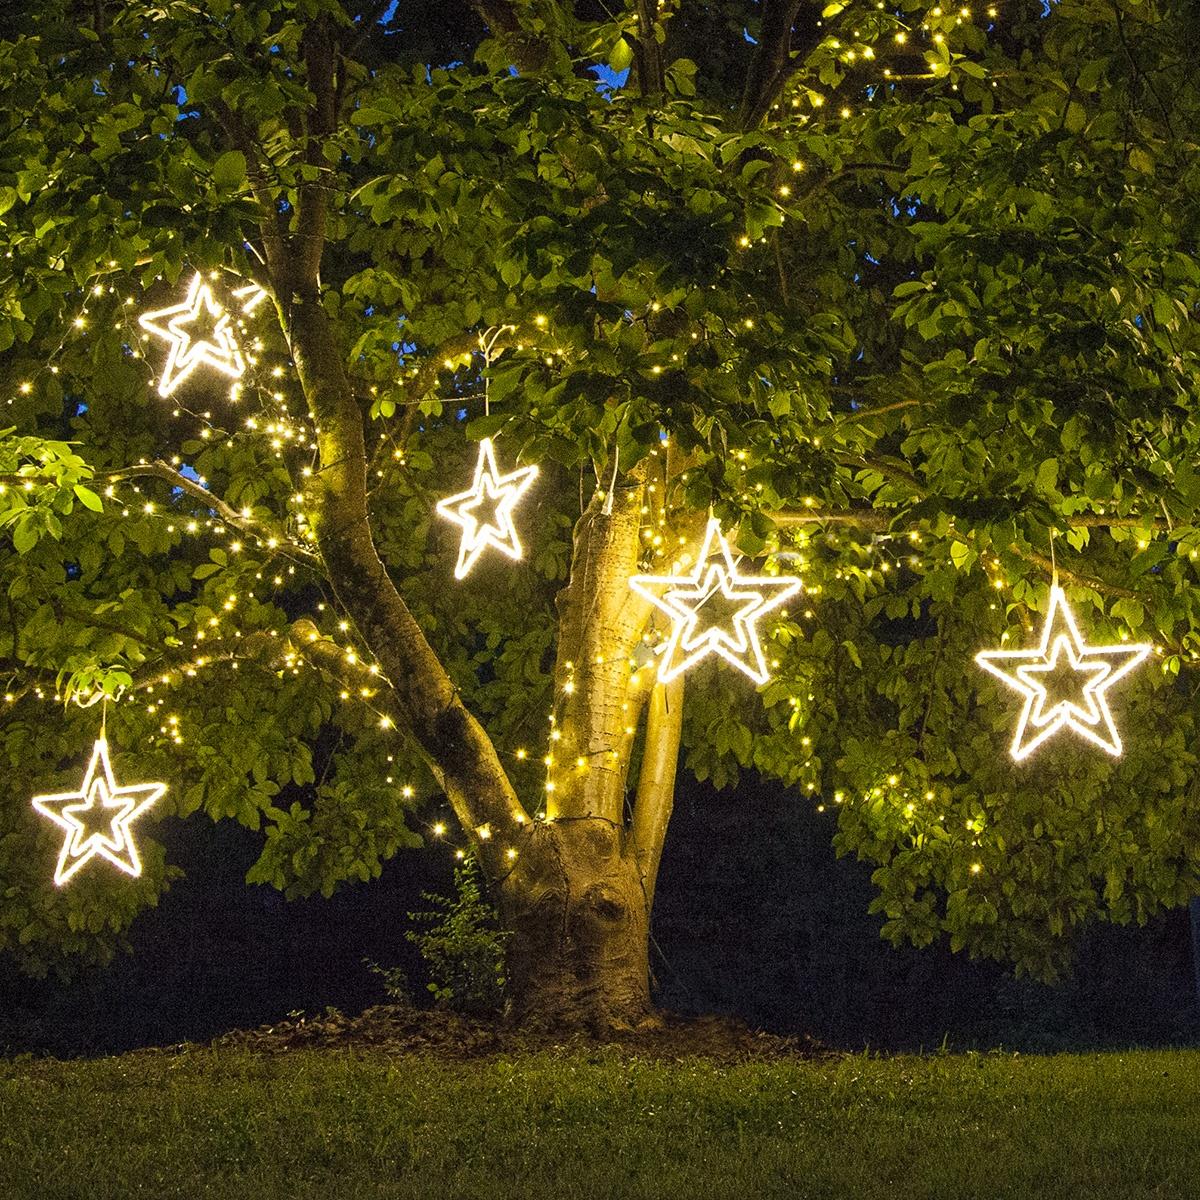 Trees Christmas Lights